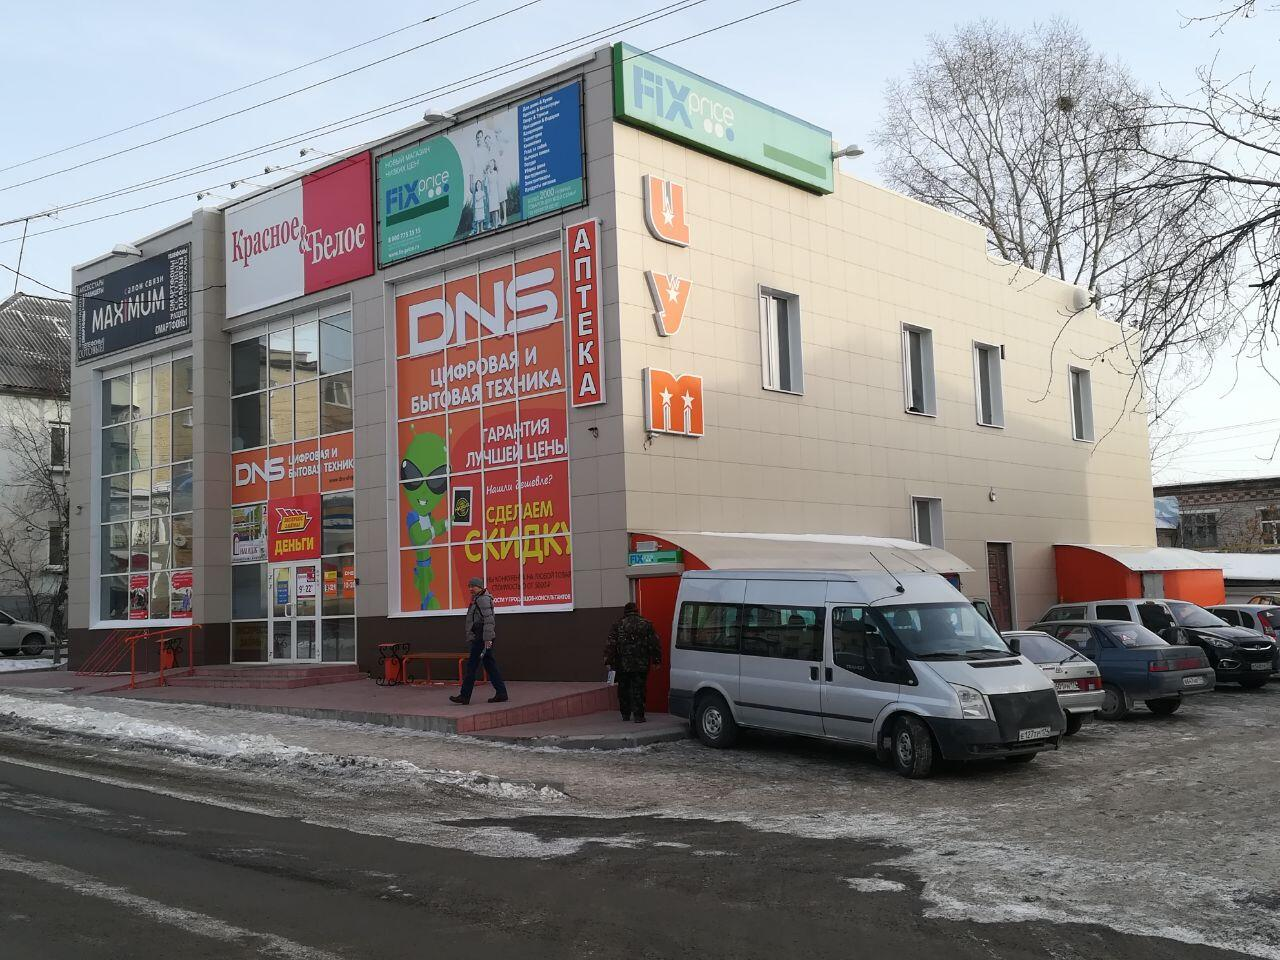 Кредит европа банк екатеринбург часы работы